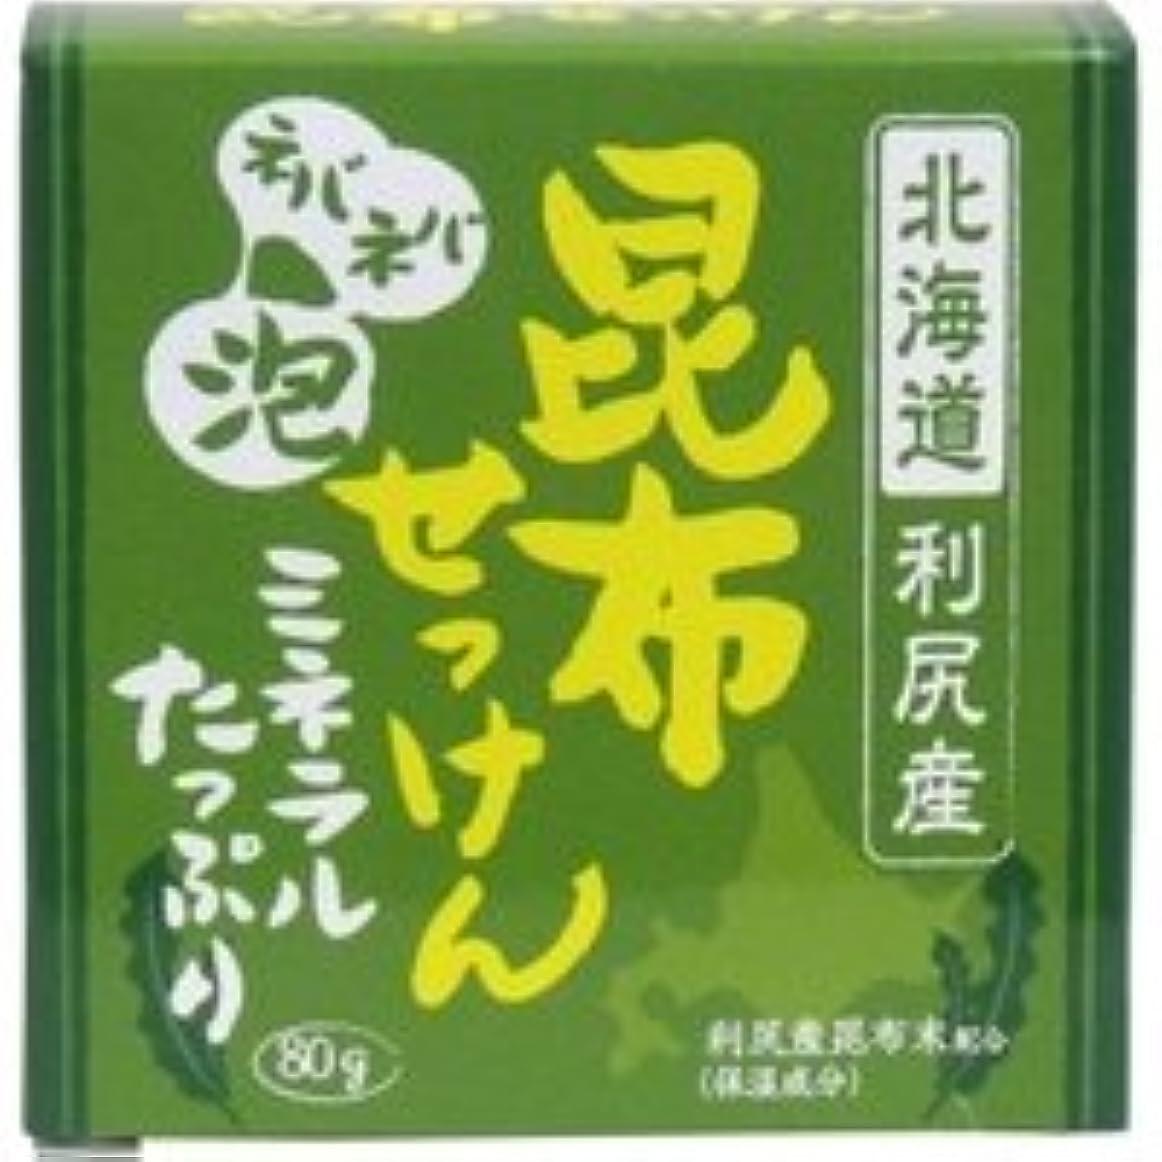 規範白雪姫師匠昆布せっけん80g(北海道利尻産)